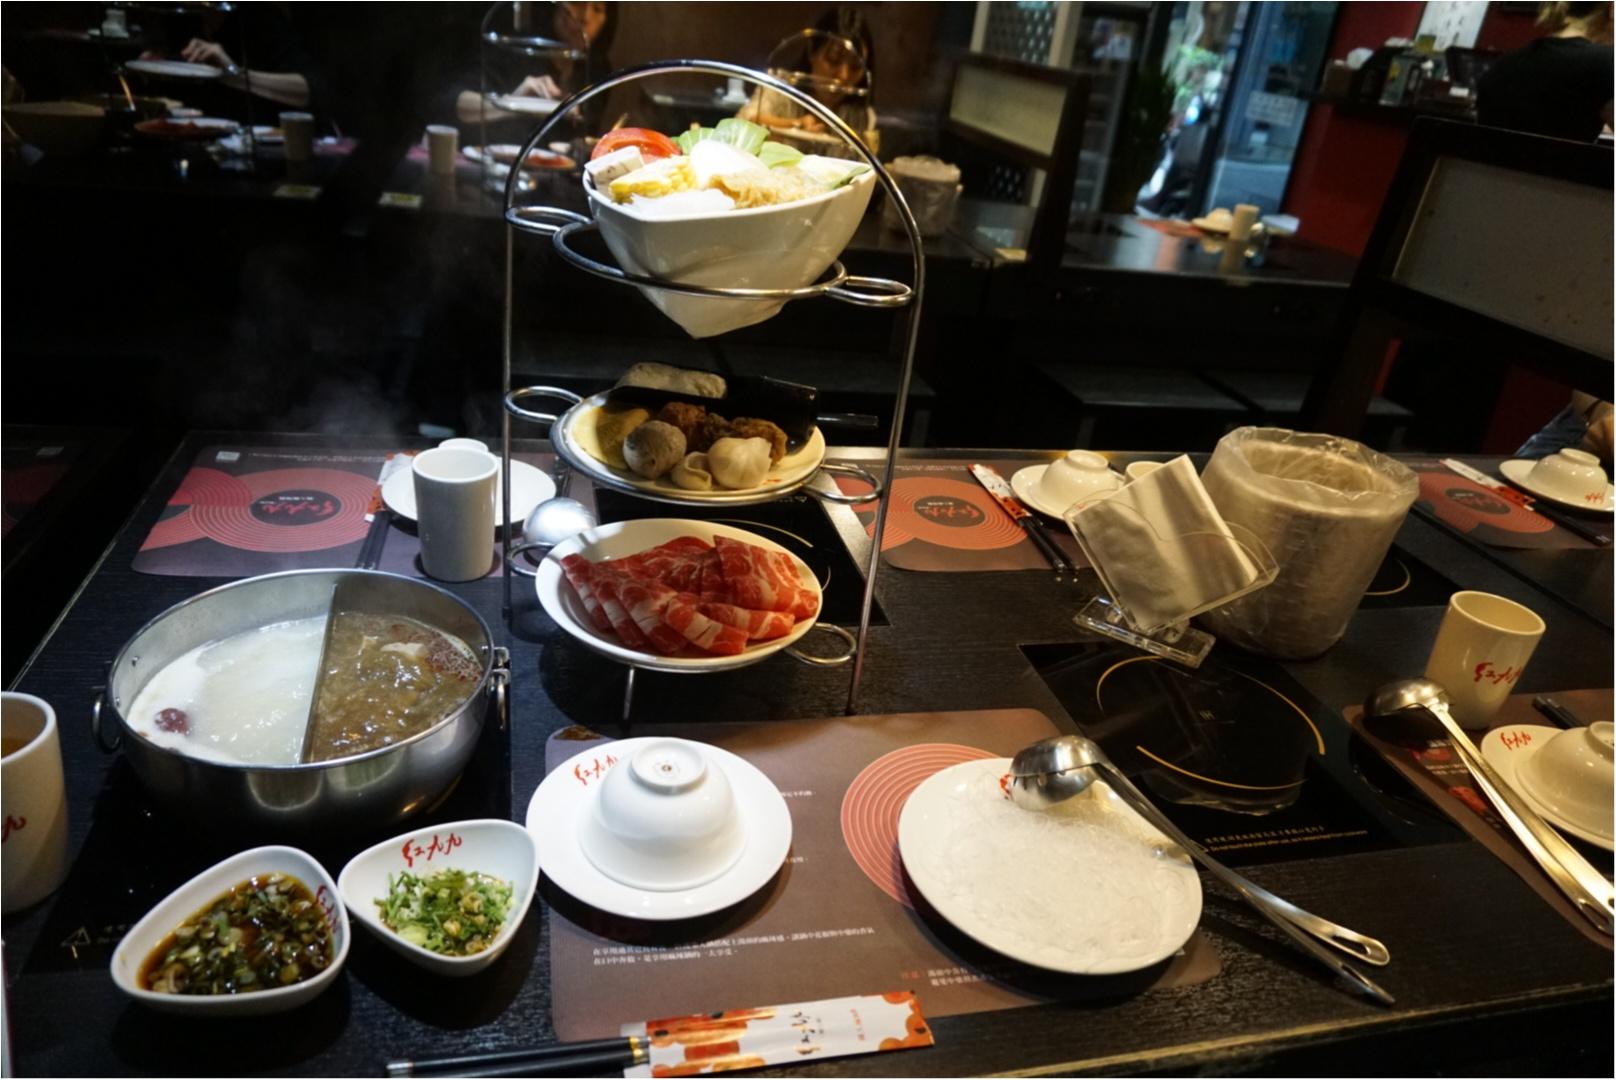 ☺︎♡台湾。1人旅行!完全自分好み!1人でも食べに行ける!友達とでもおすすめな火鍋屋さん!_1